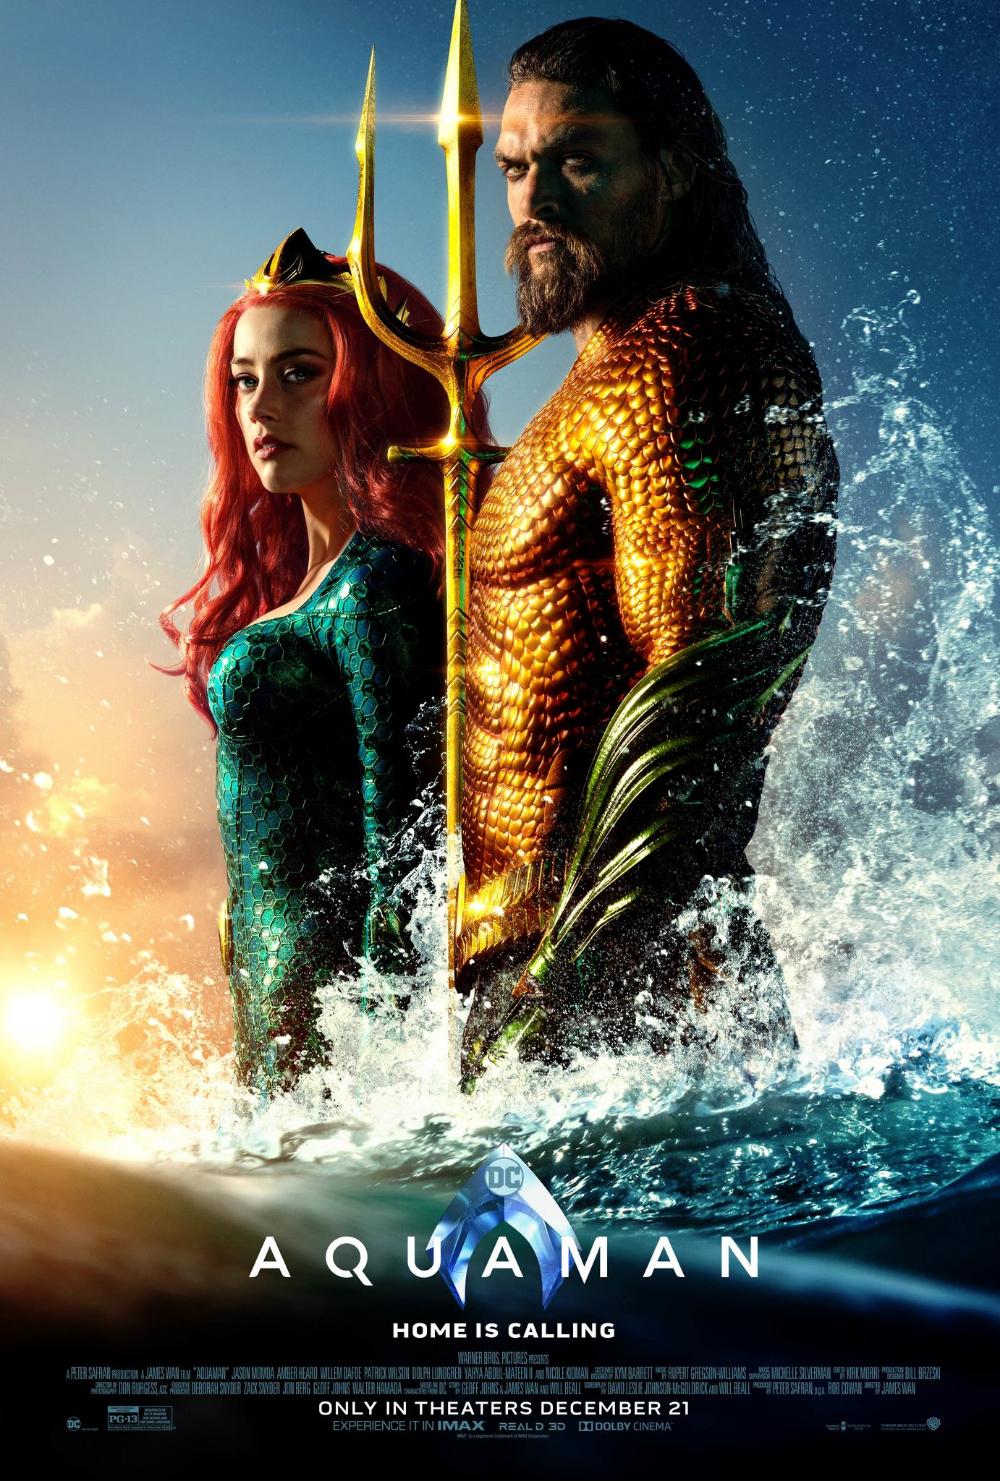 Aquaman Full Movie 2019 Sumeshrai Aquaman Film Aquaman 2018 Download Movies